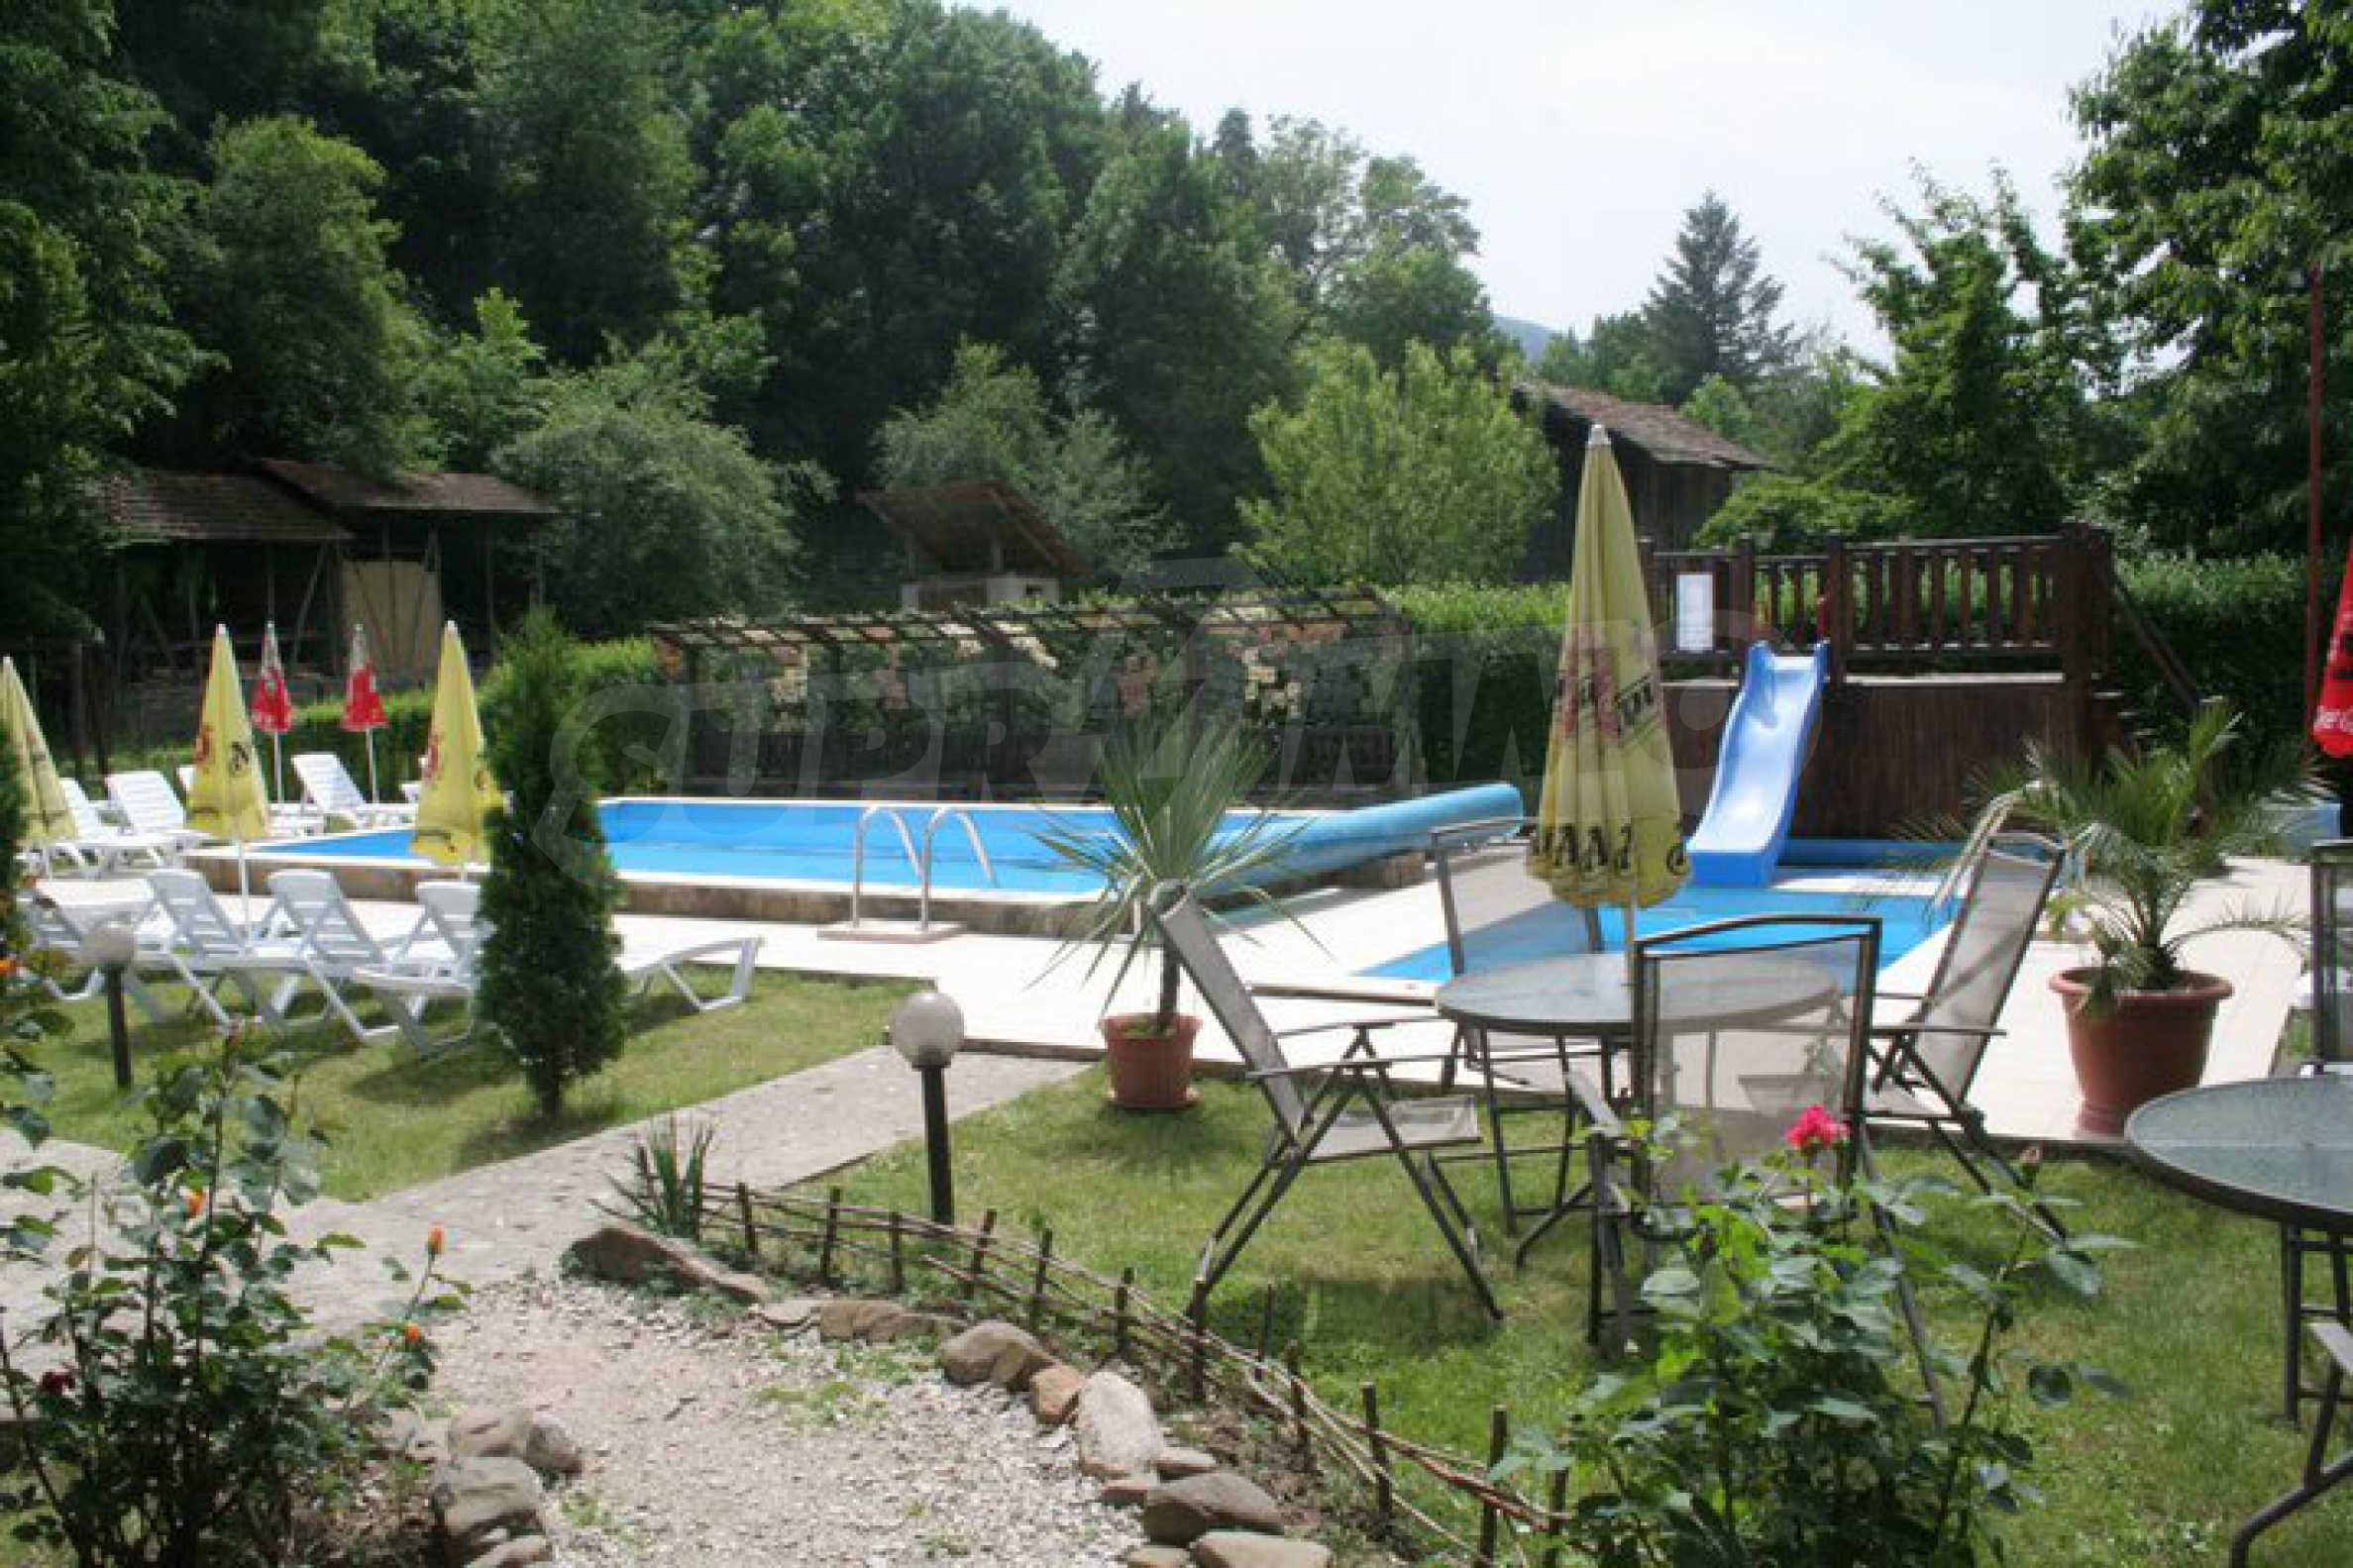 Gemütliches Hotel mit Pool im Herzen des Balkangebirges 5